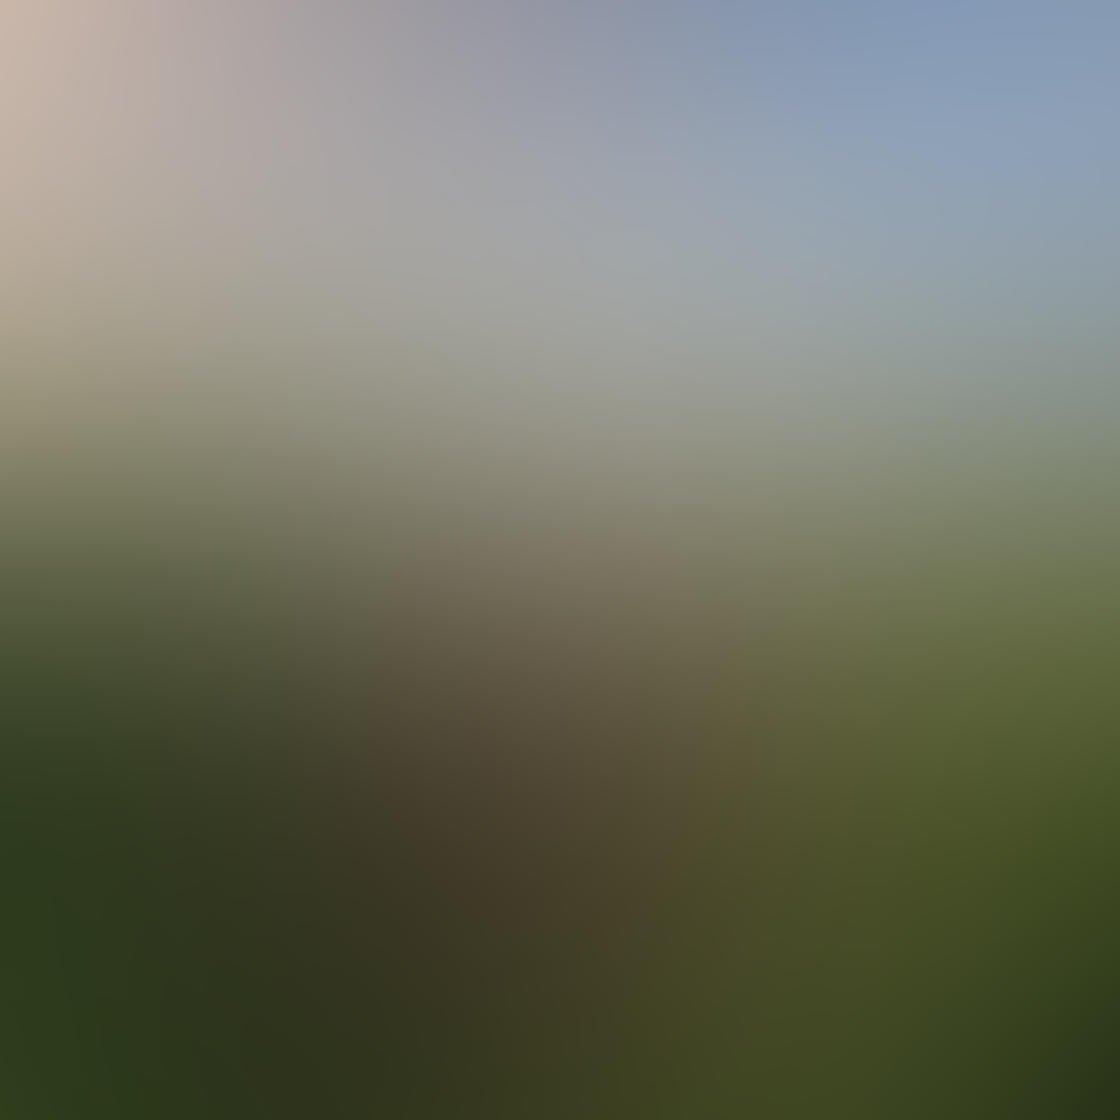 Iphone camera settings 1